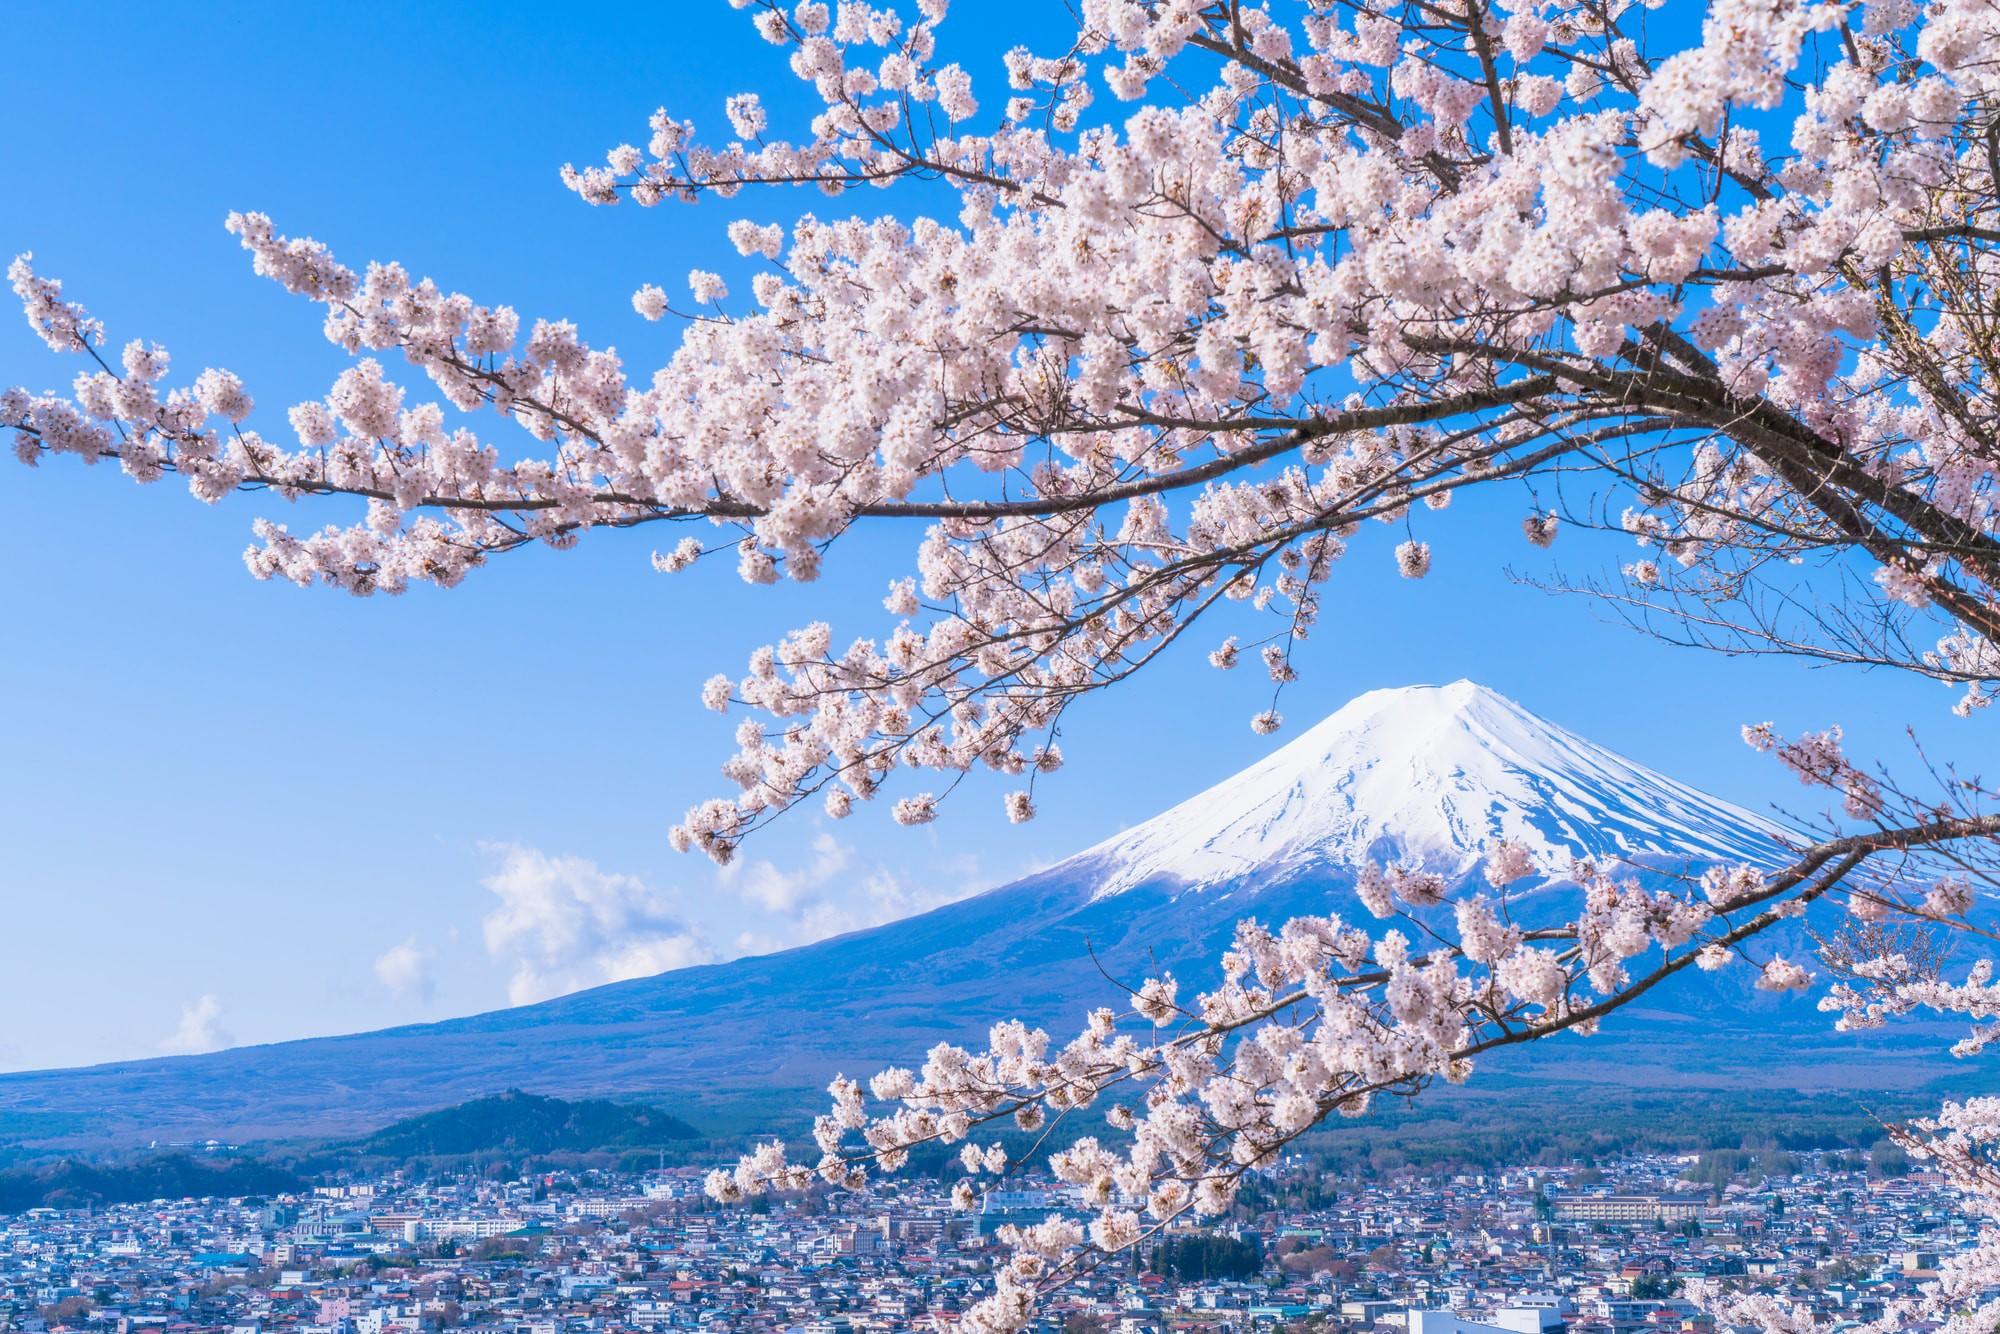 Hình ảnh hoa anh đào Nhật bản vào mùa đông lạnh giá